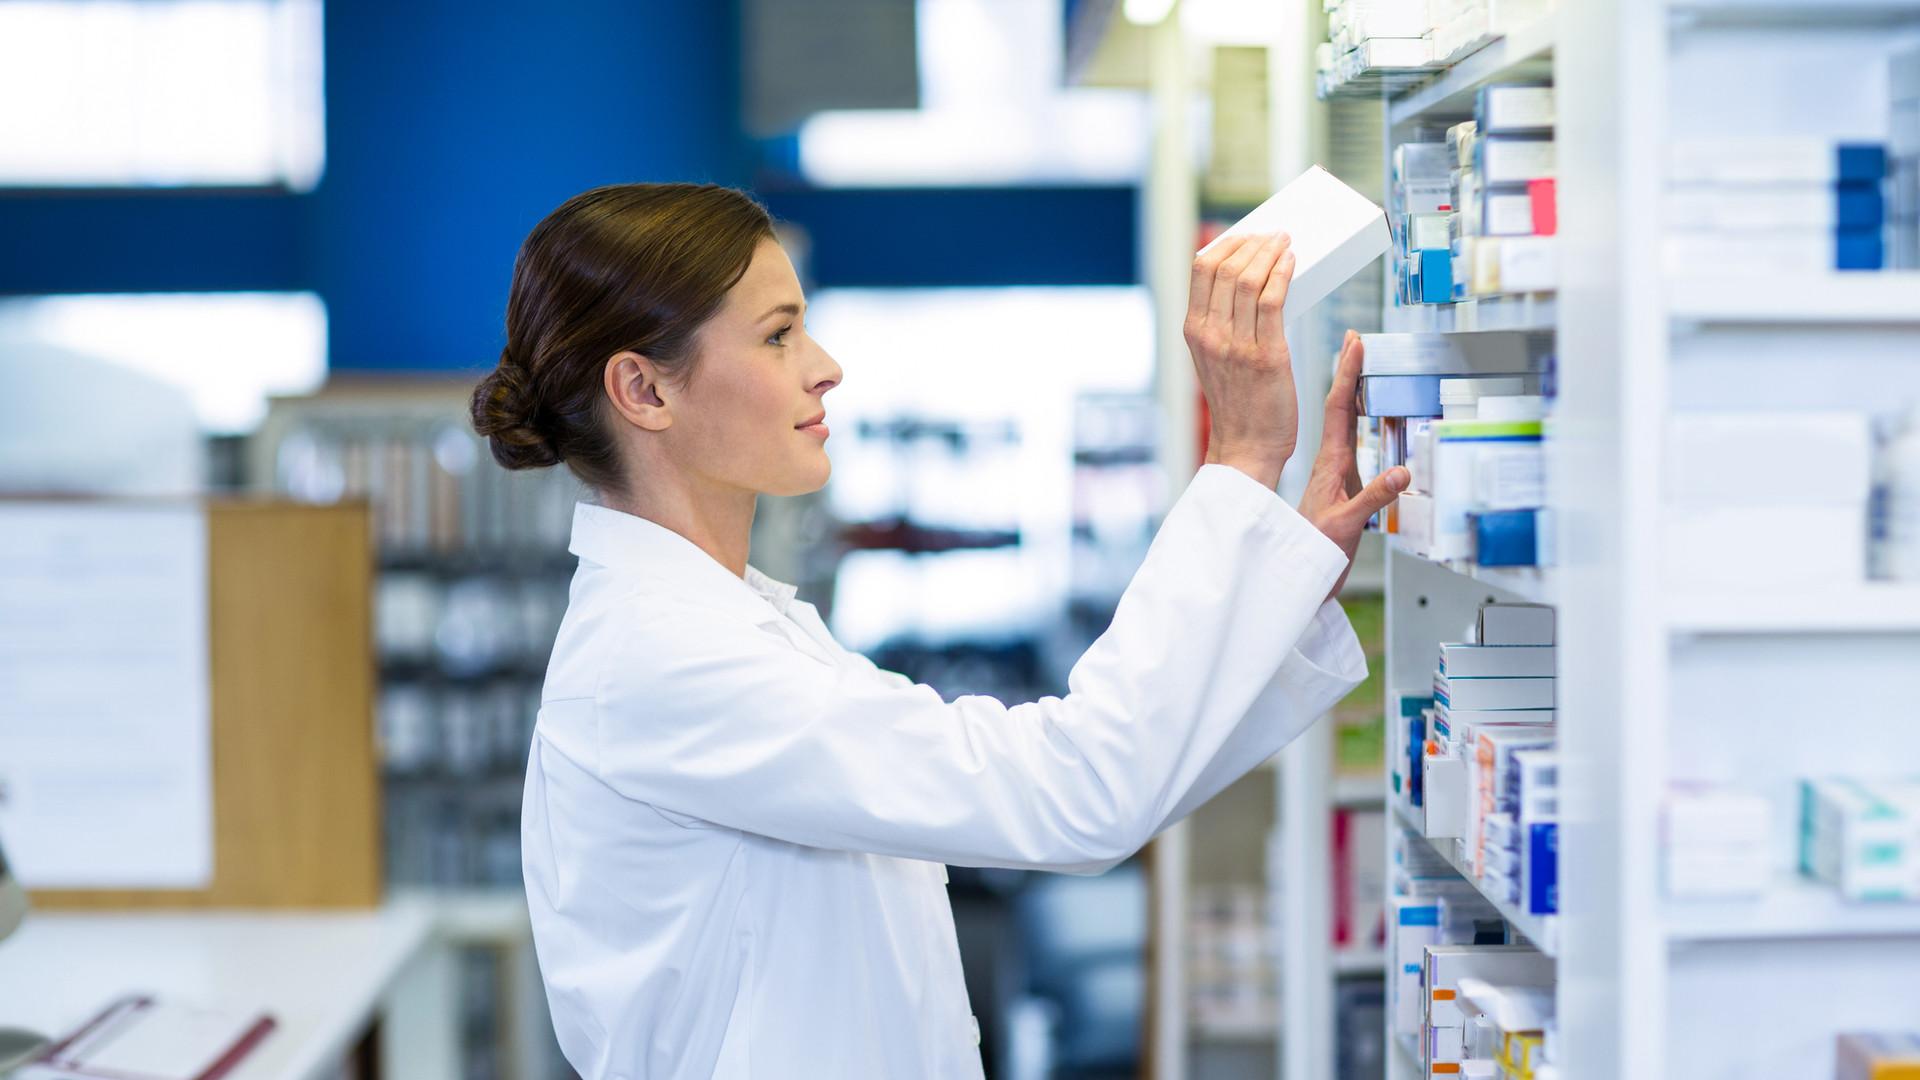 pharmacist-checking-medicine-in-shelf-SB